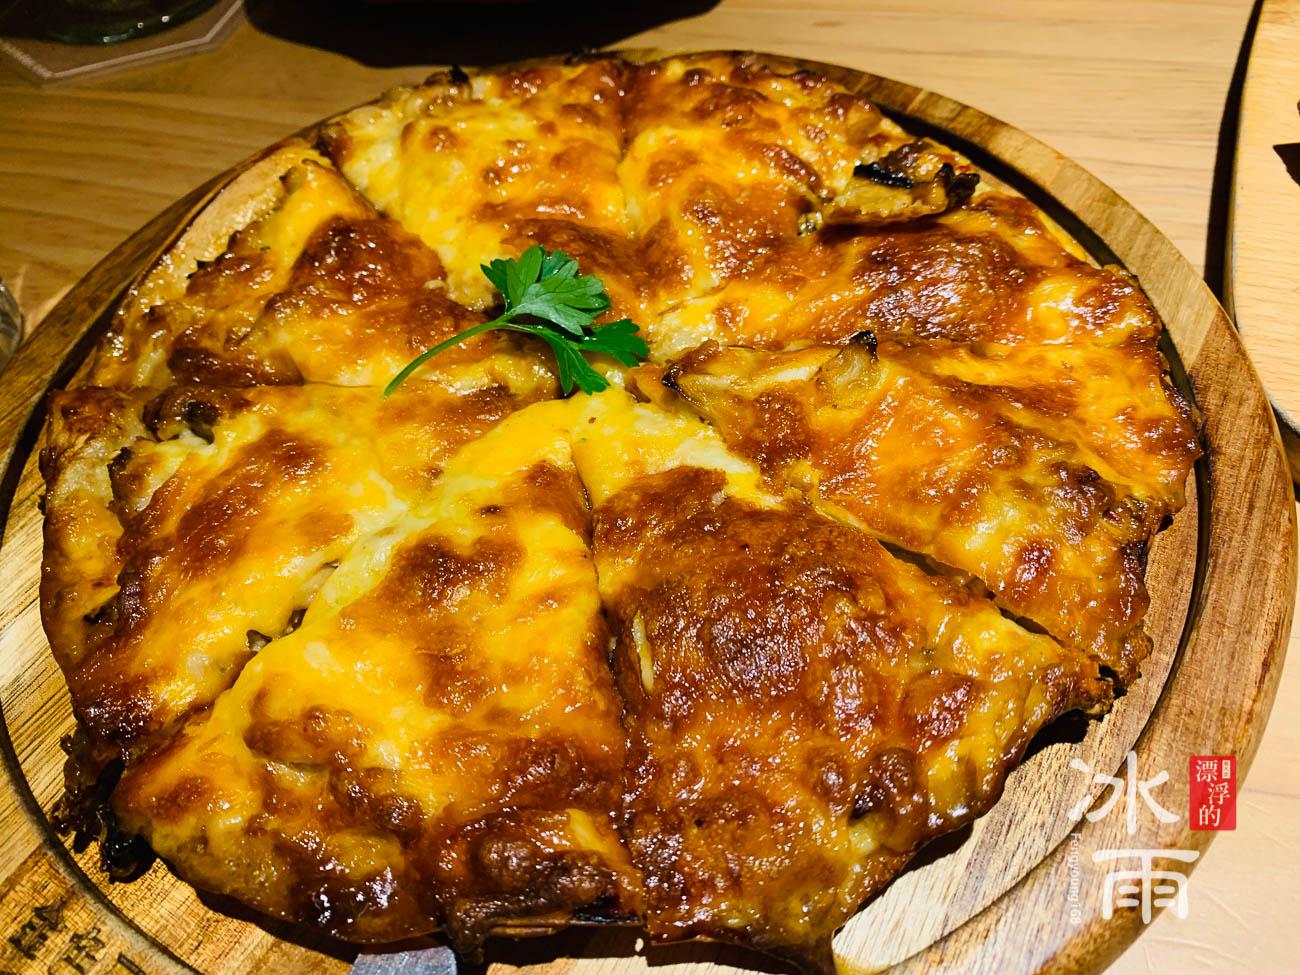 金色三麥大遠百店 Pizza